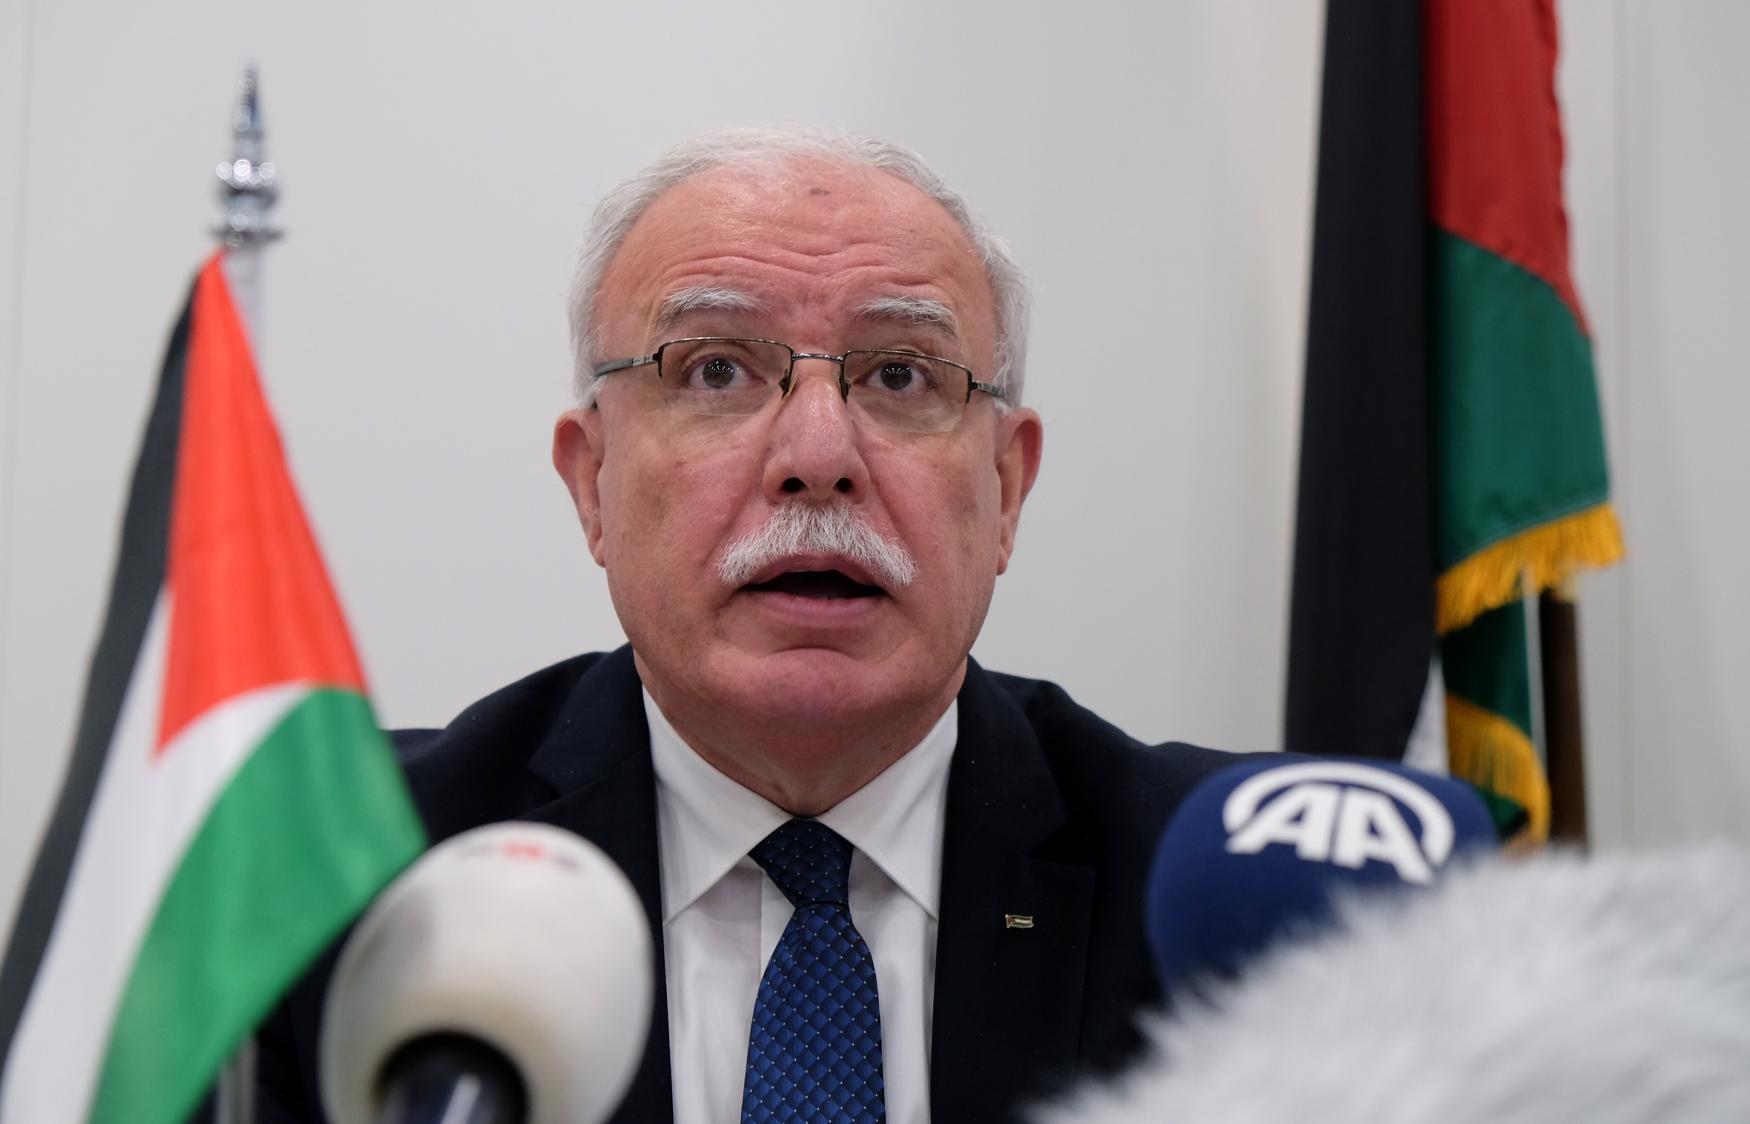 Palestinský ministr zahraničí Riad Malki požádal Mezinárodní trestní soud, aby zahájil vyšetřování údajných izraelských zločinů proti palestinskému lidu